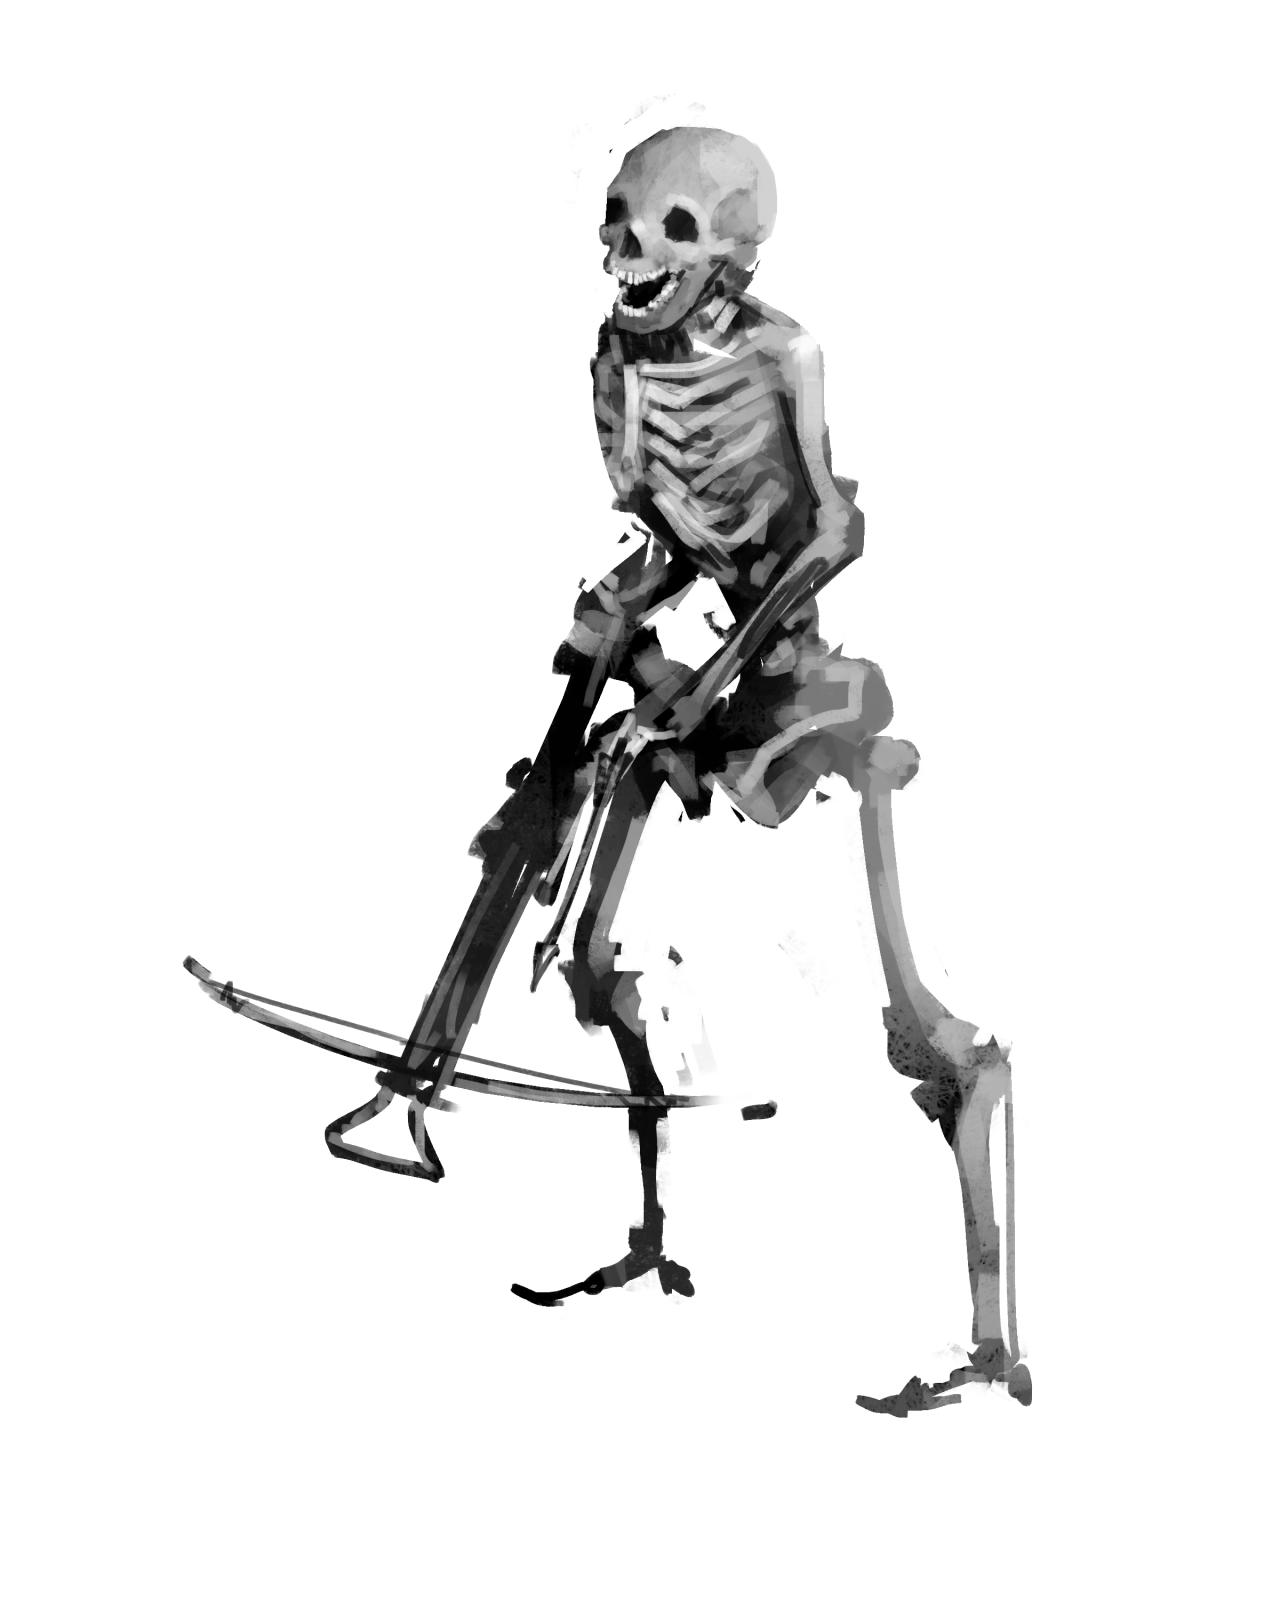 """thisairlockispants:  """"gauntes:  """" skeleton crossbow mercenary  """"  Okay but what does it spend its money on?  """"  Polish, probably"""